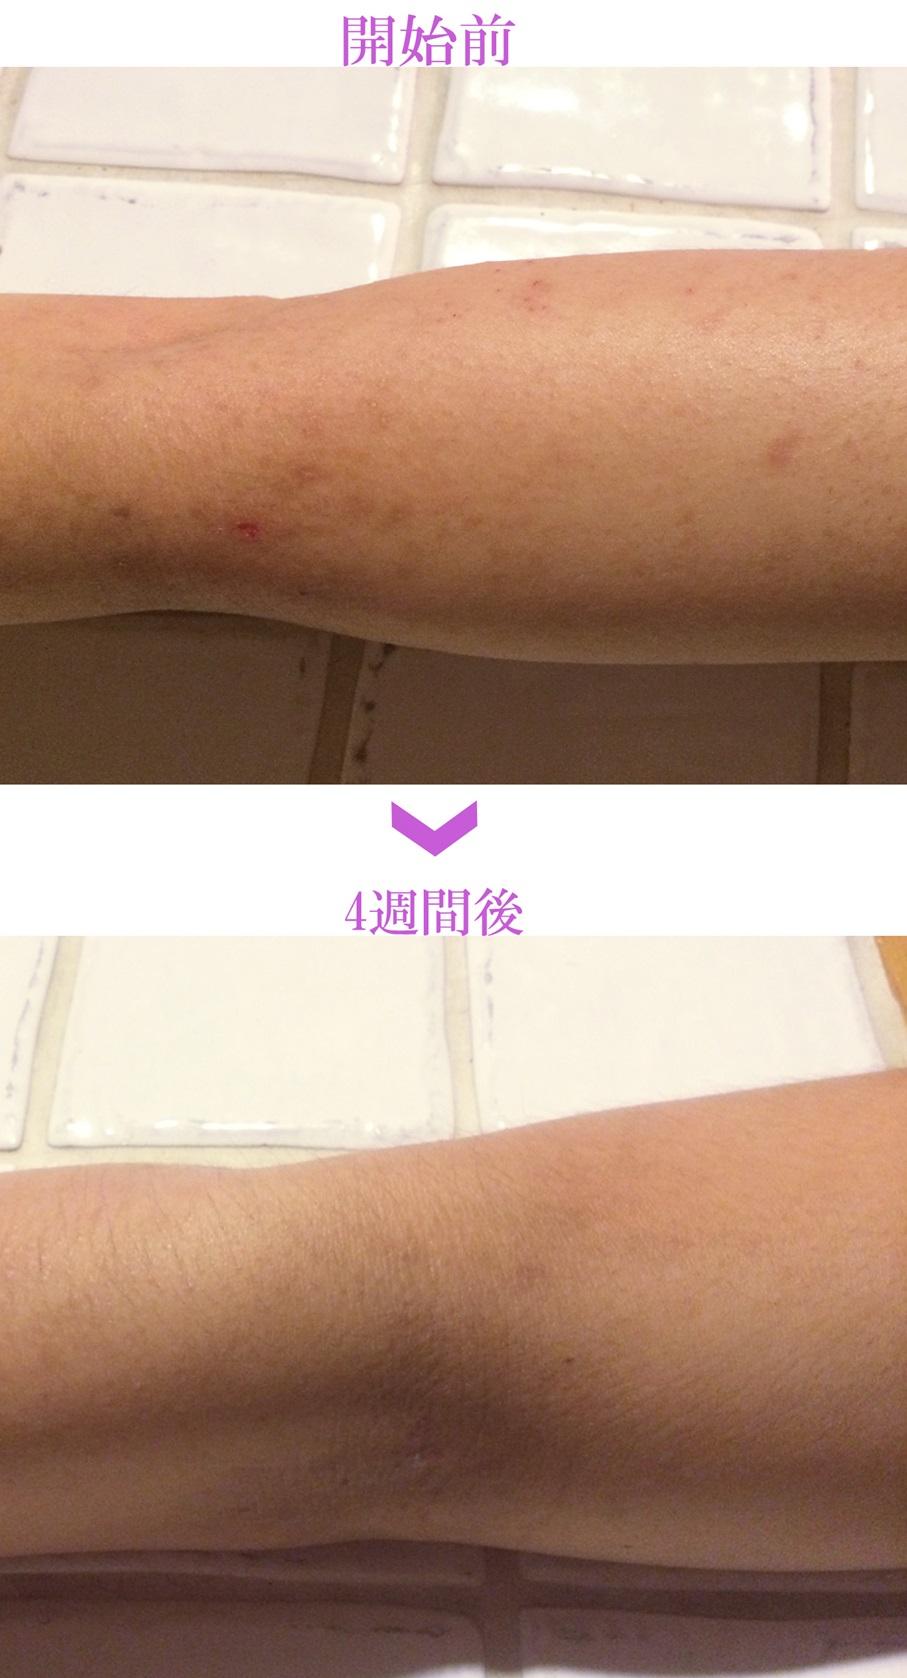 アトピー性皮膚炎の痒み原因対策化粧品・女性の腕/ダチョウ卵黄エキス/レイドラテ・ラ・ポー